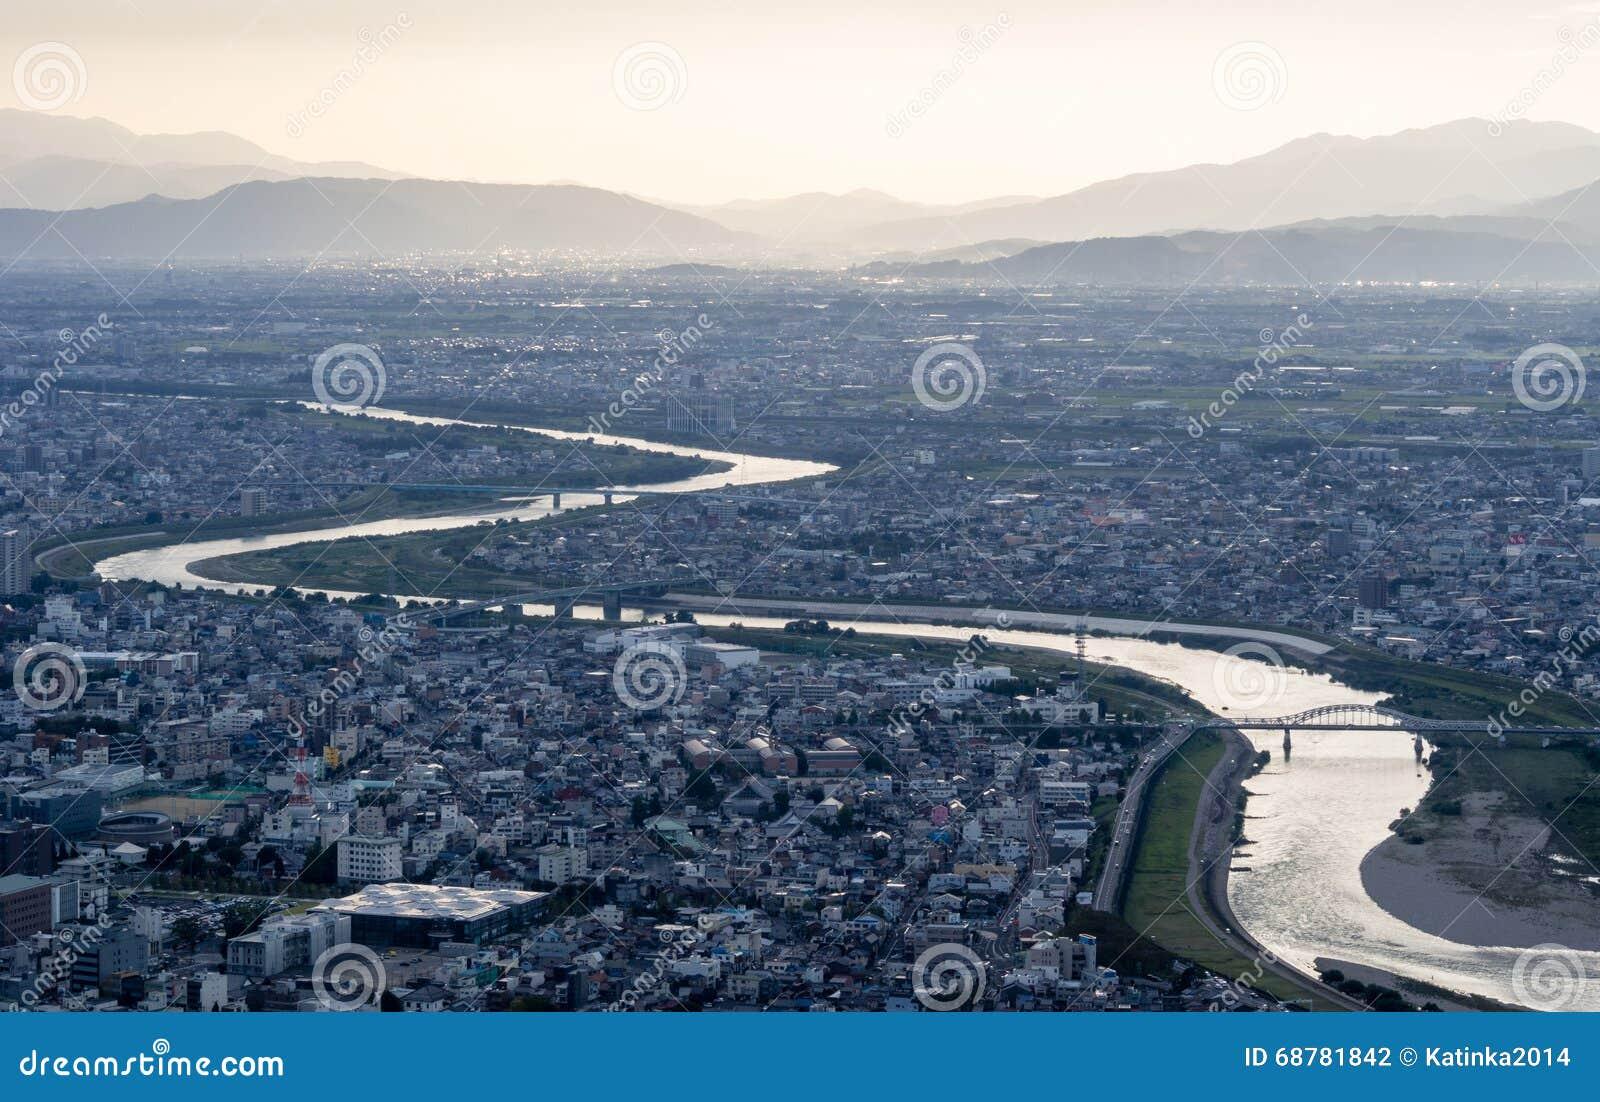 Vue panoramique de ville de Gifu, Japon